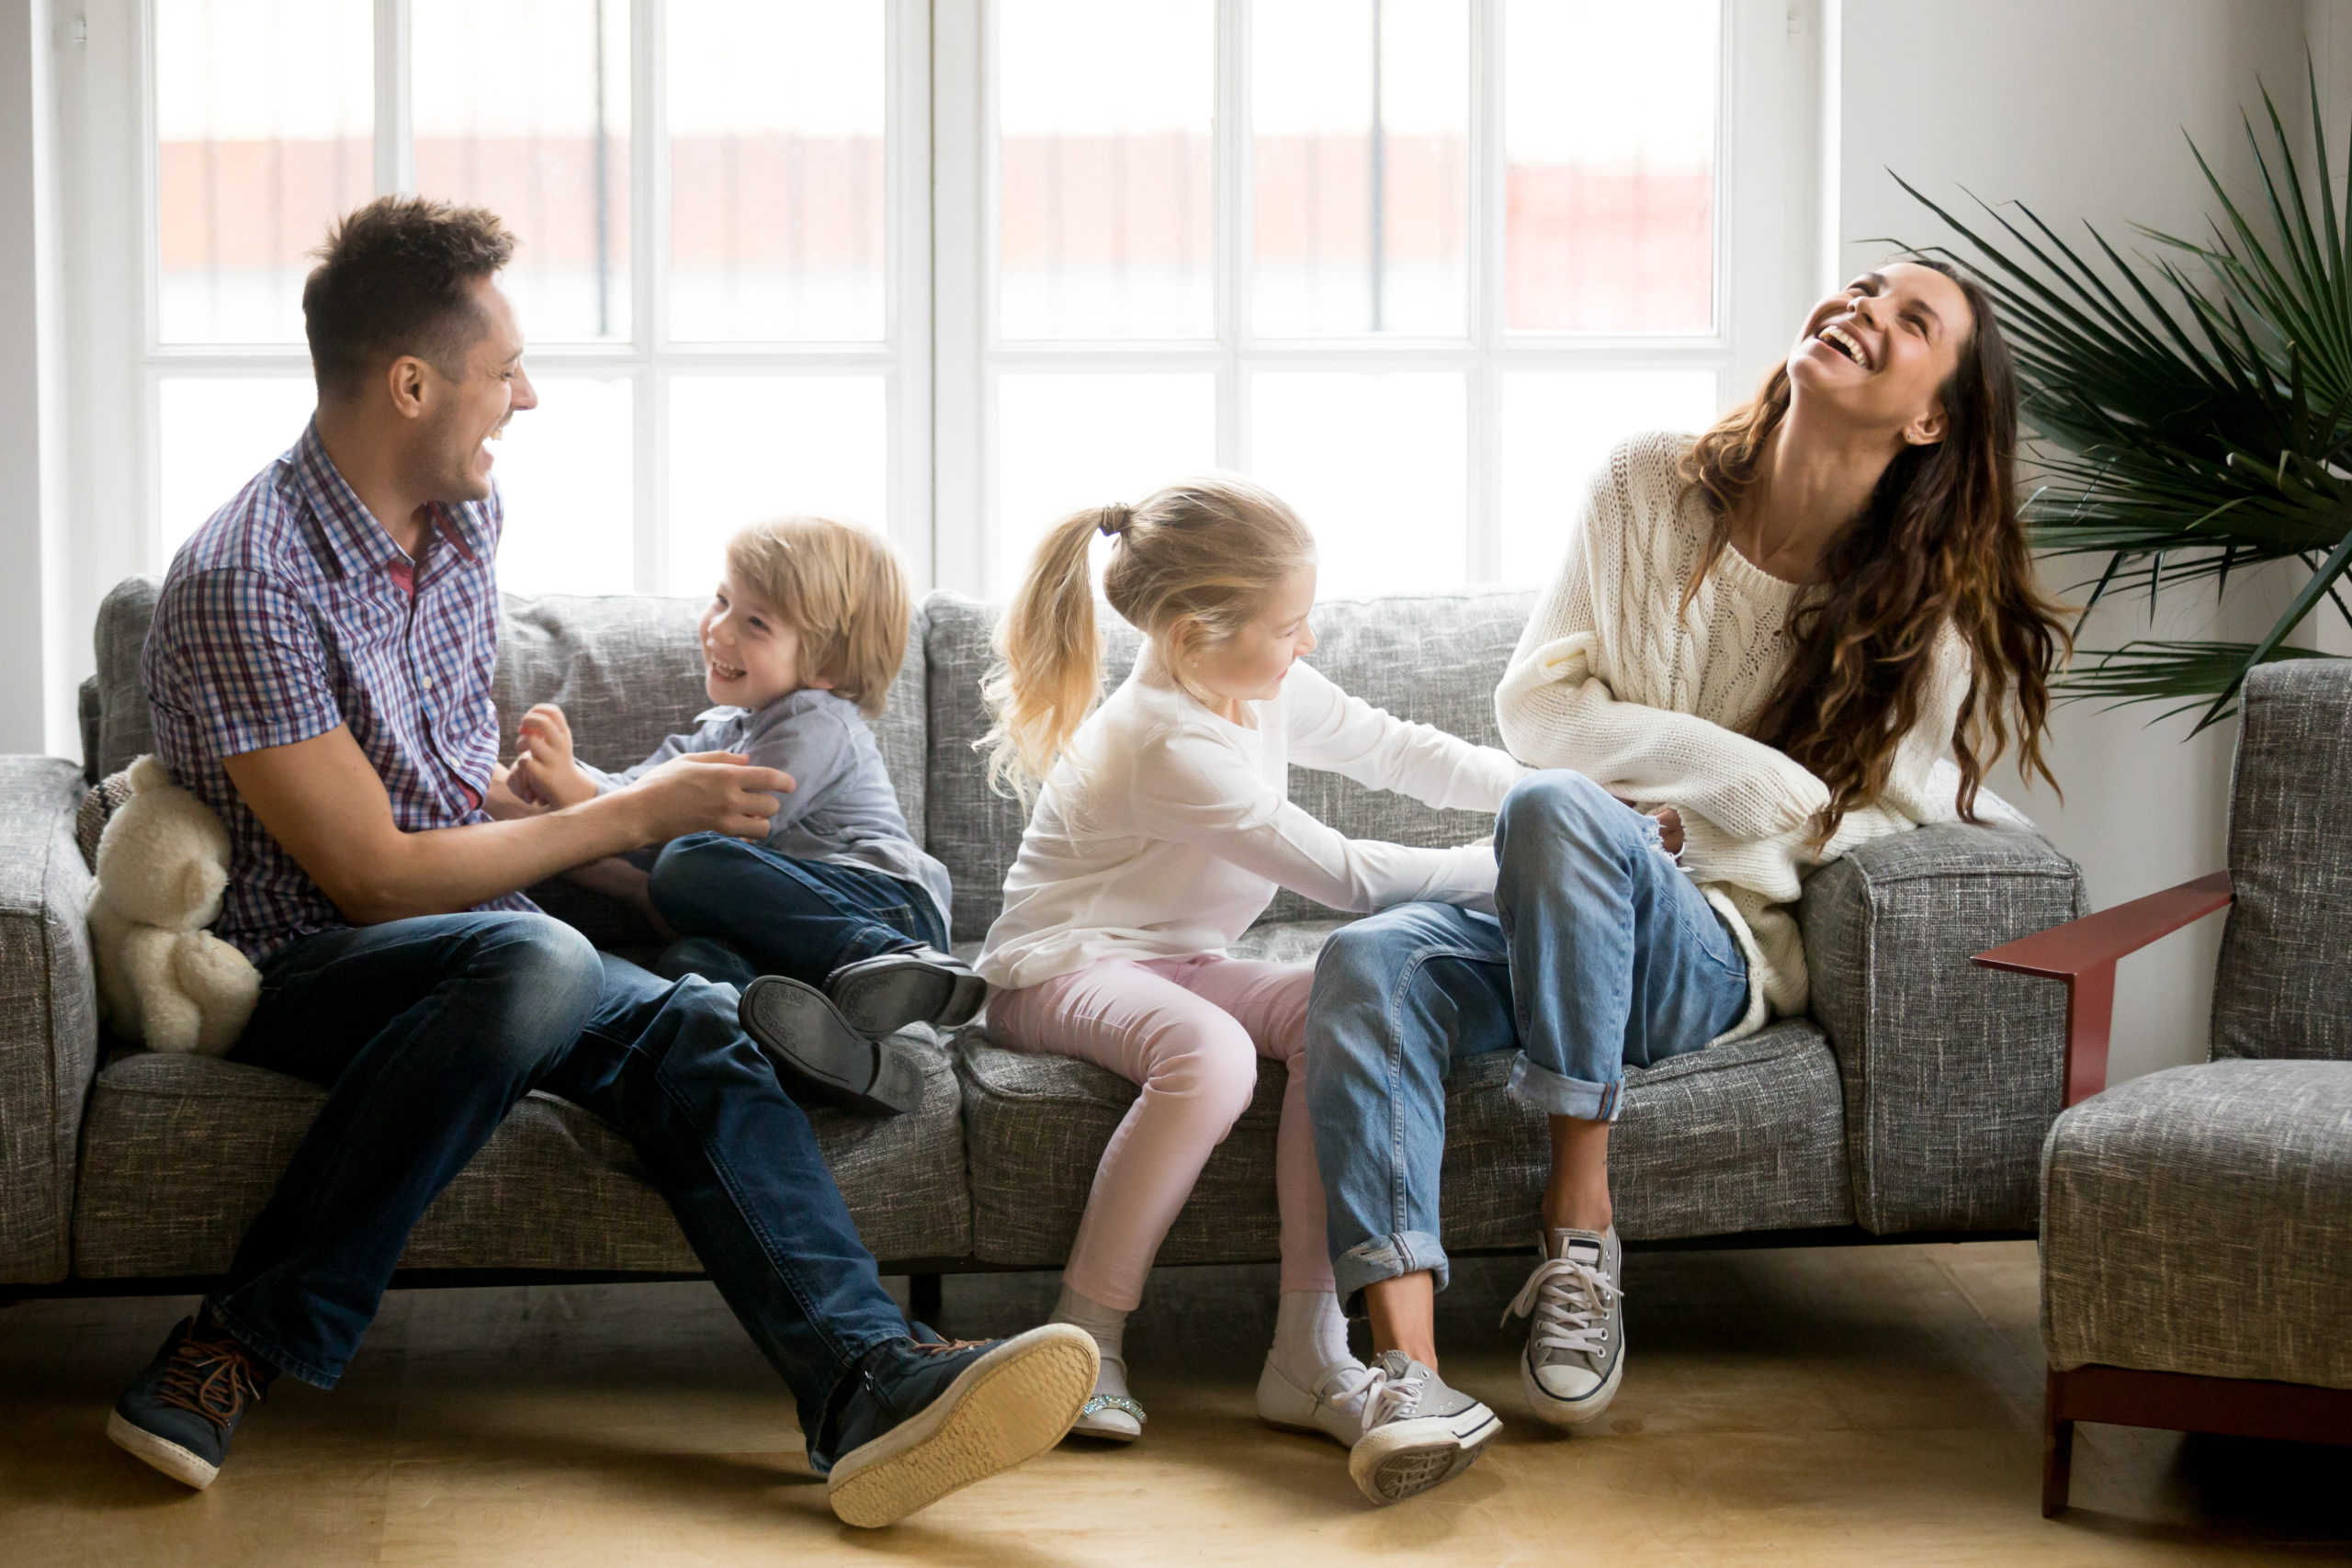 『家族円満』ピリピリ家族からスッキリ笑い合う家族になるための3×2の秘訣